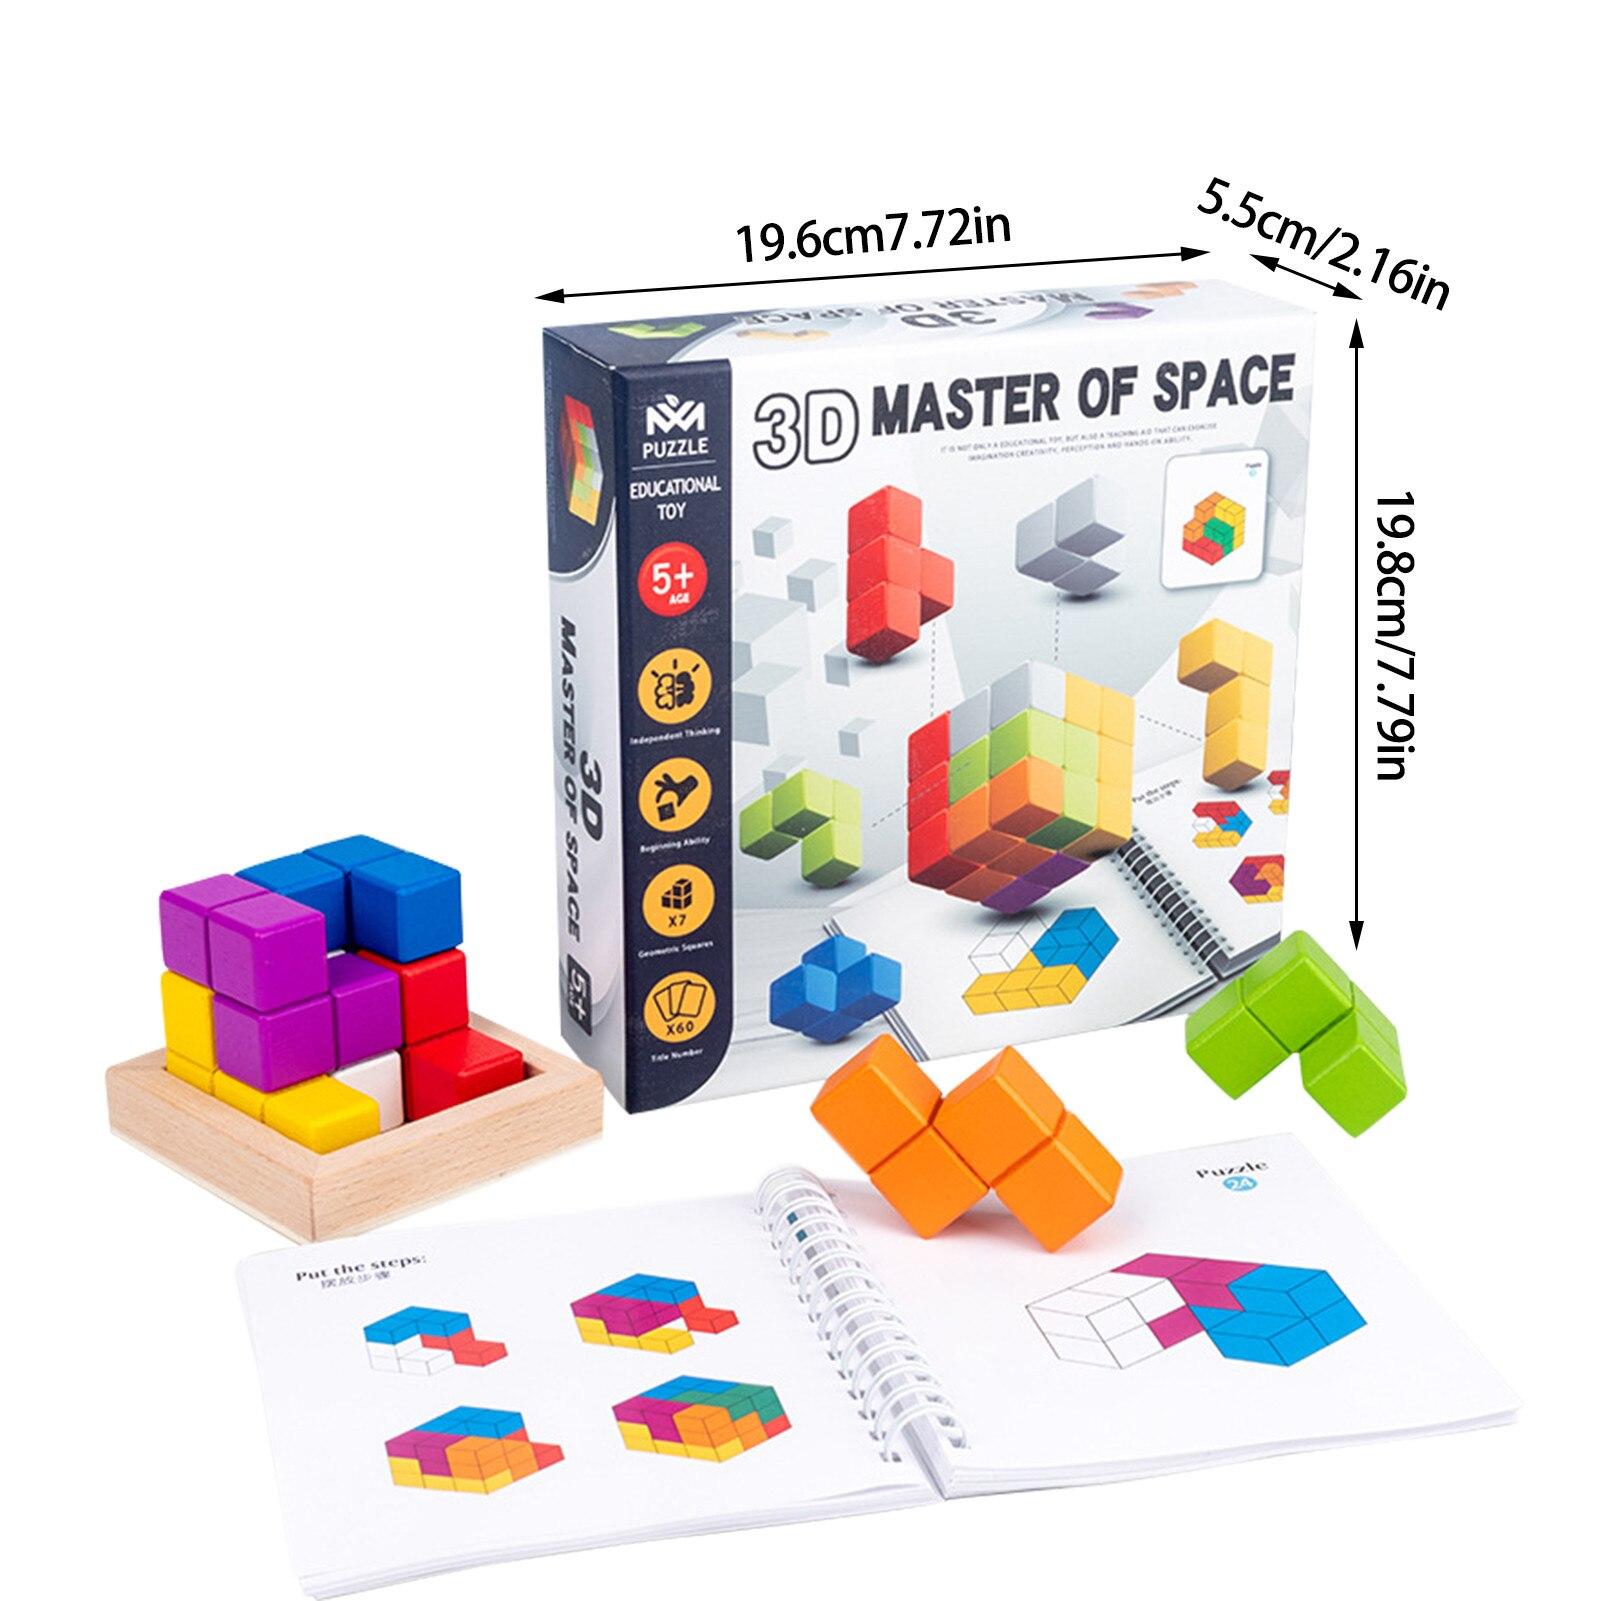 Brinquedos tetristoys infantis 3d, brinquedos educacionais de